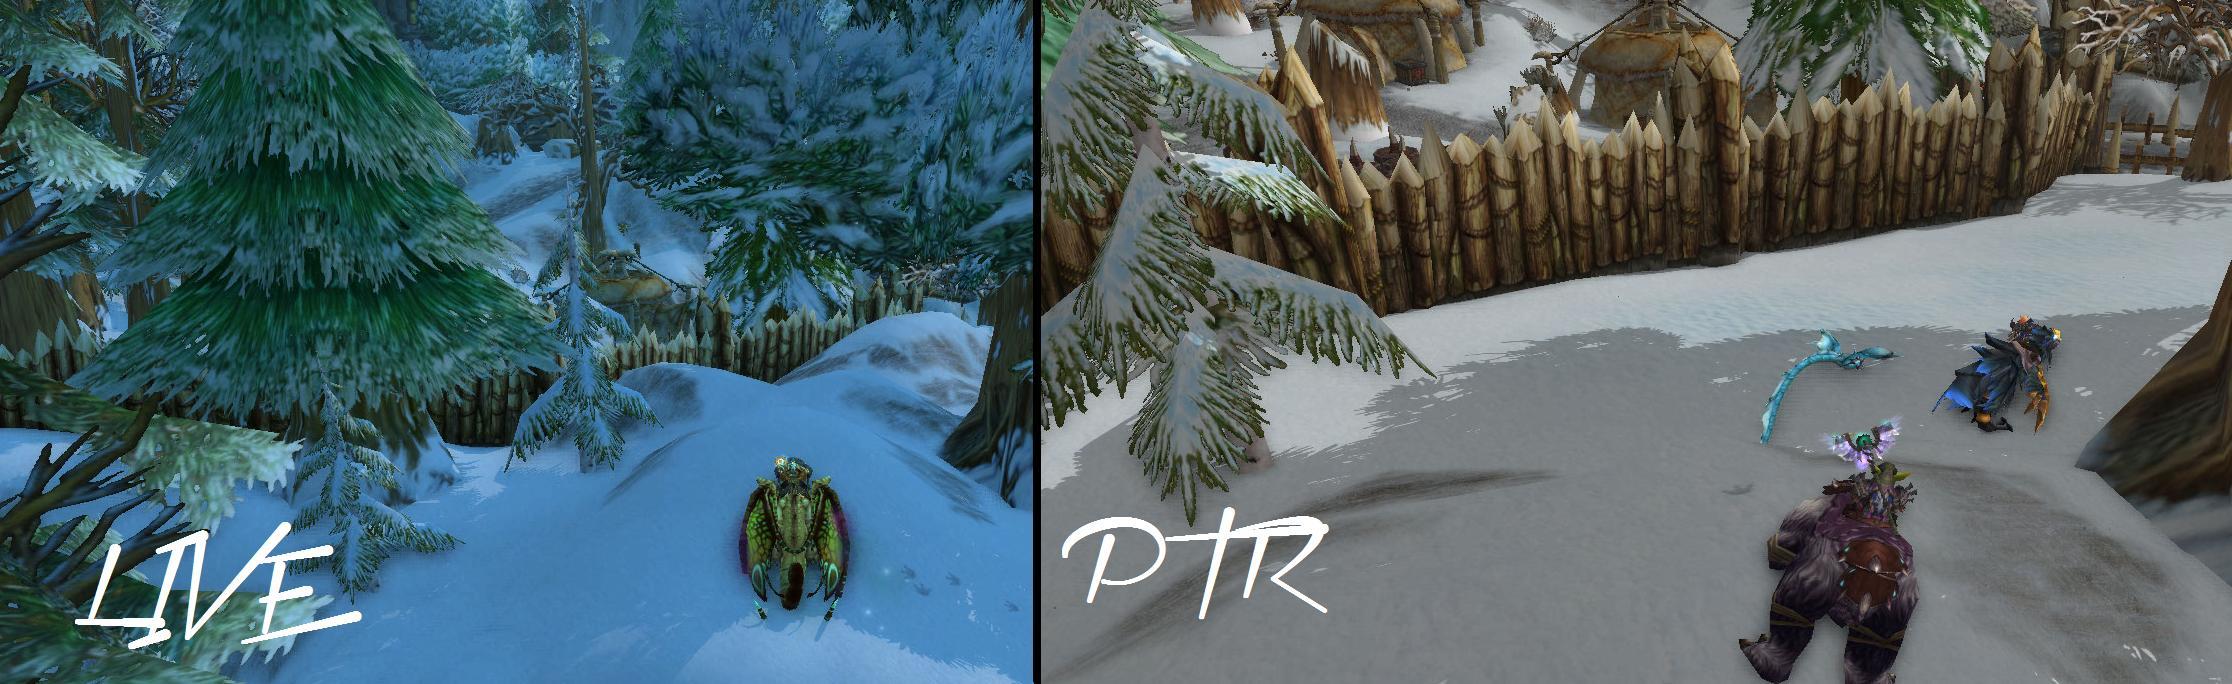 AV PTR Changes 2